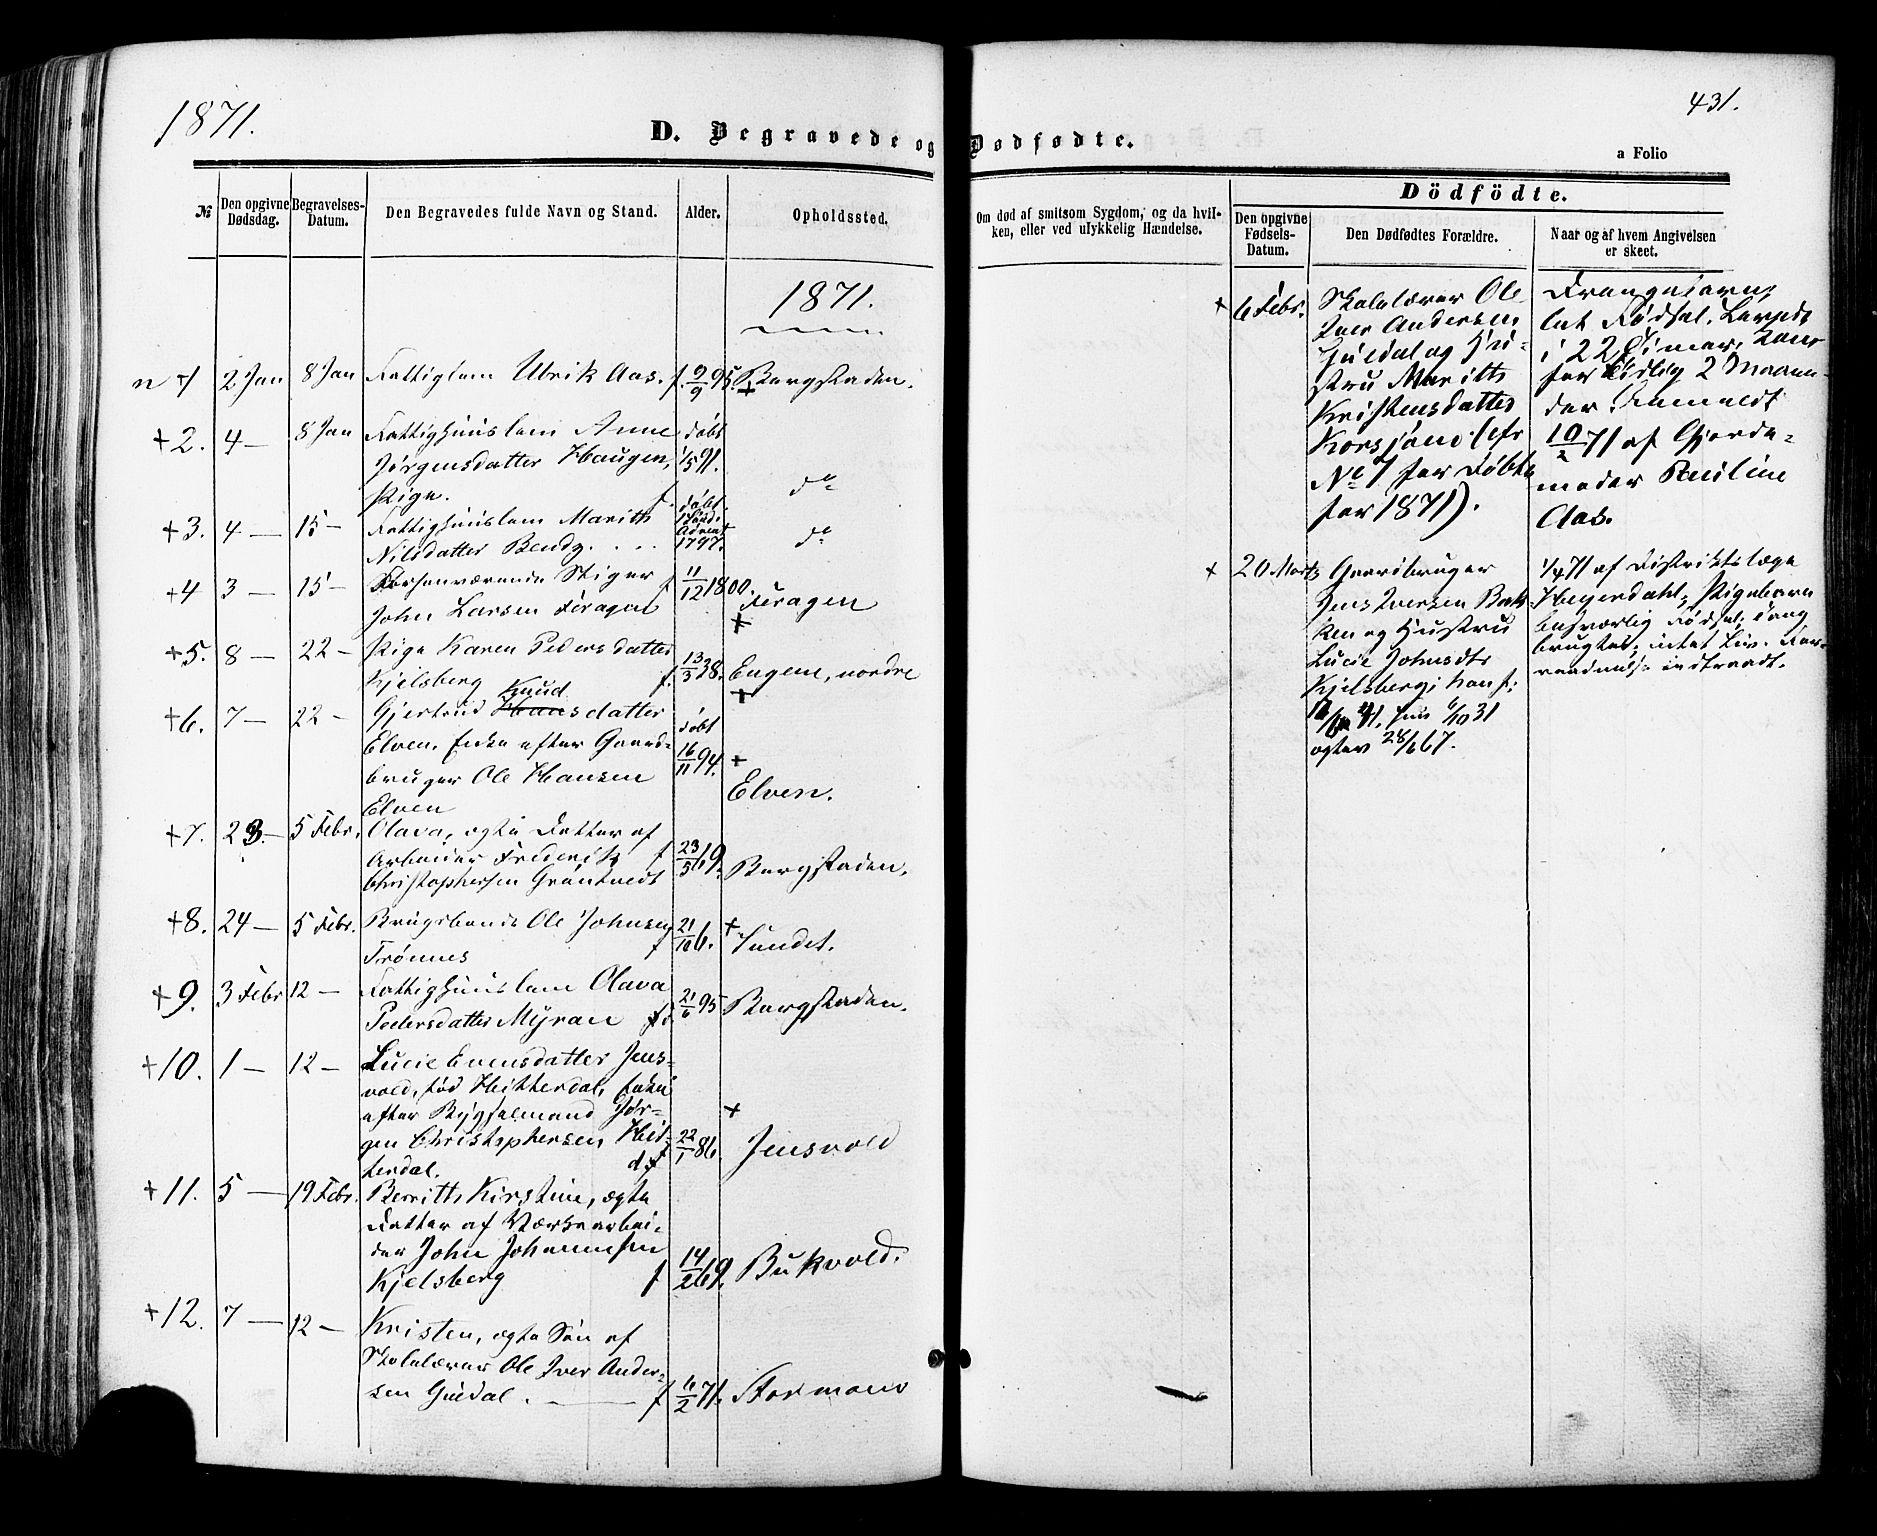 SAT, Ministerialprotokoller, klokkerbøker og fødselsregistre - Sør-Trøndelag, 681/L0932: Ministerialbok nr. 681A10, 1860-1878, s. 431